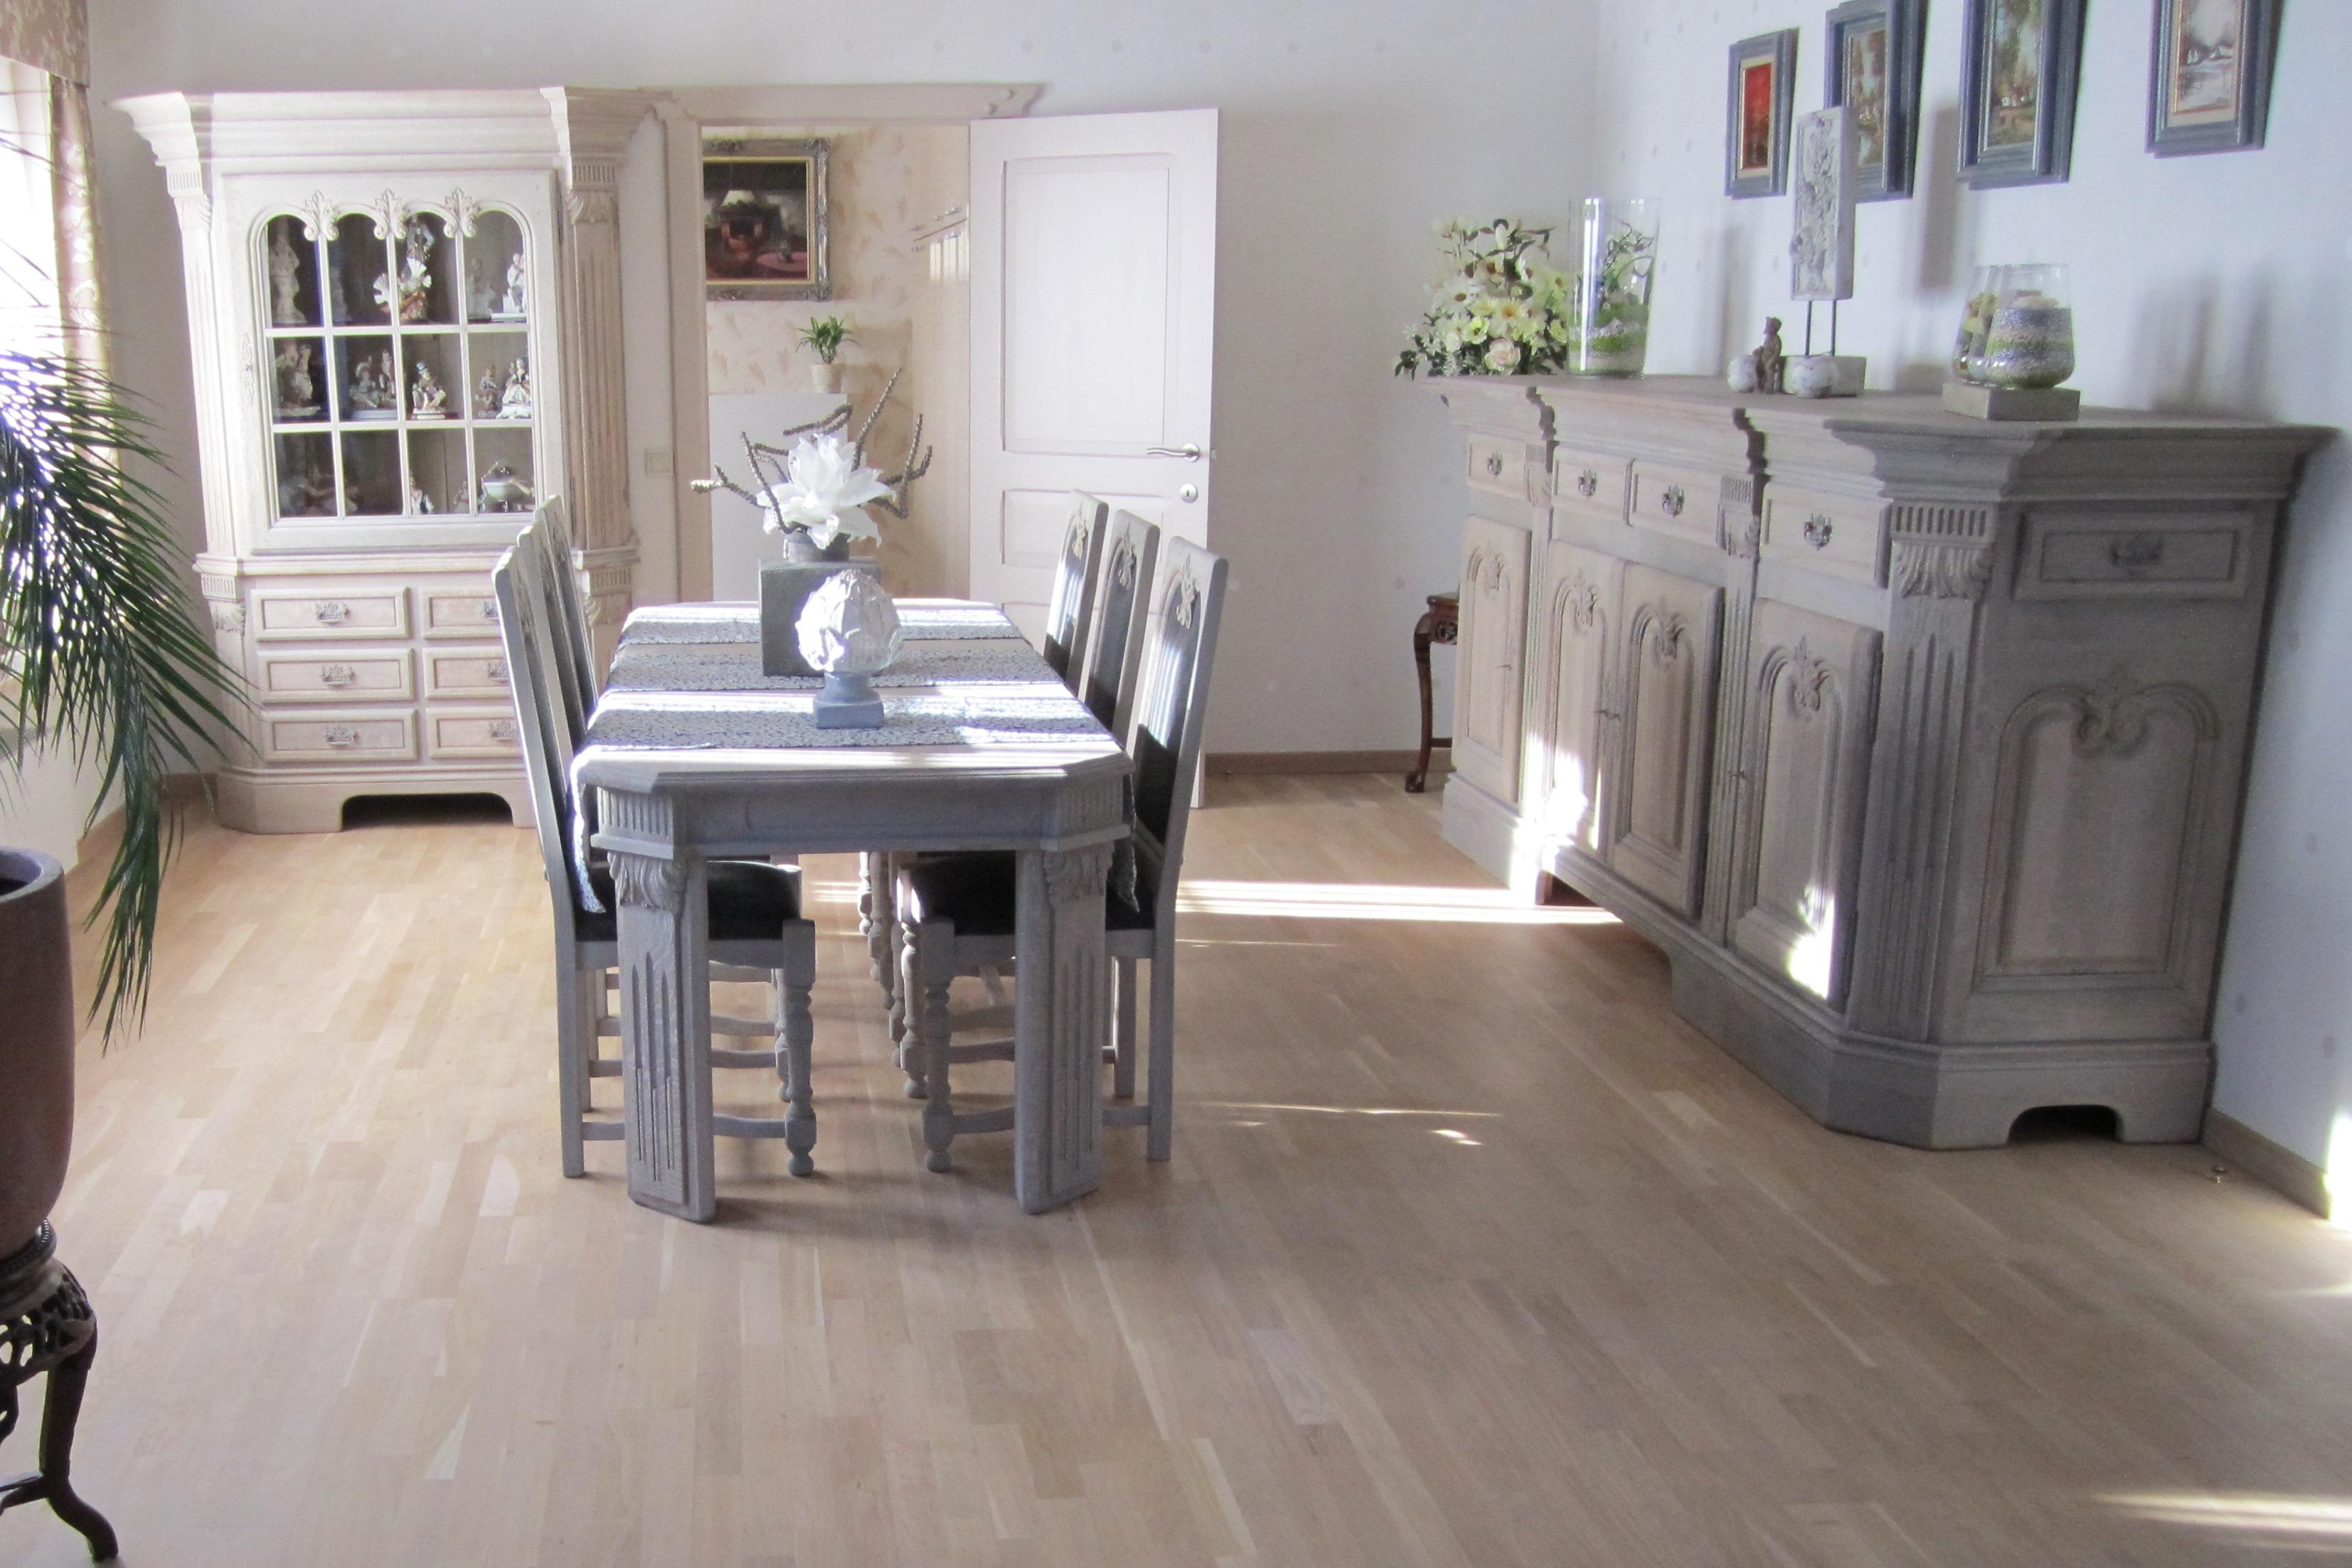 Decapo meubelrenovatie avelgem - Peindre une salle a manger ...